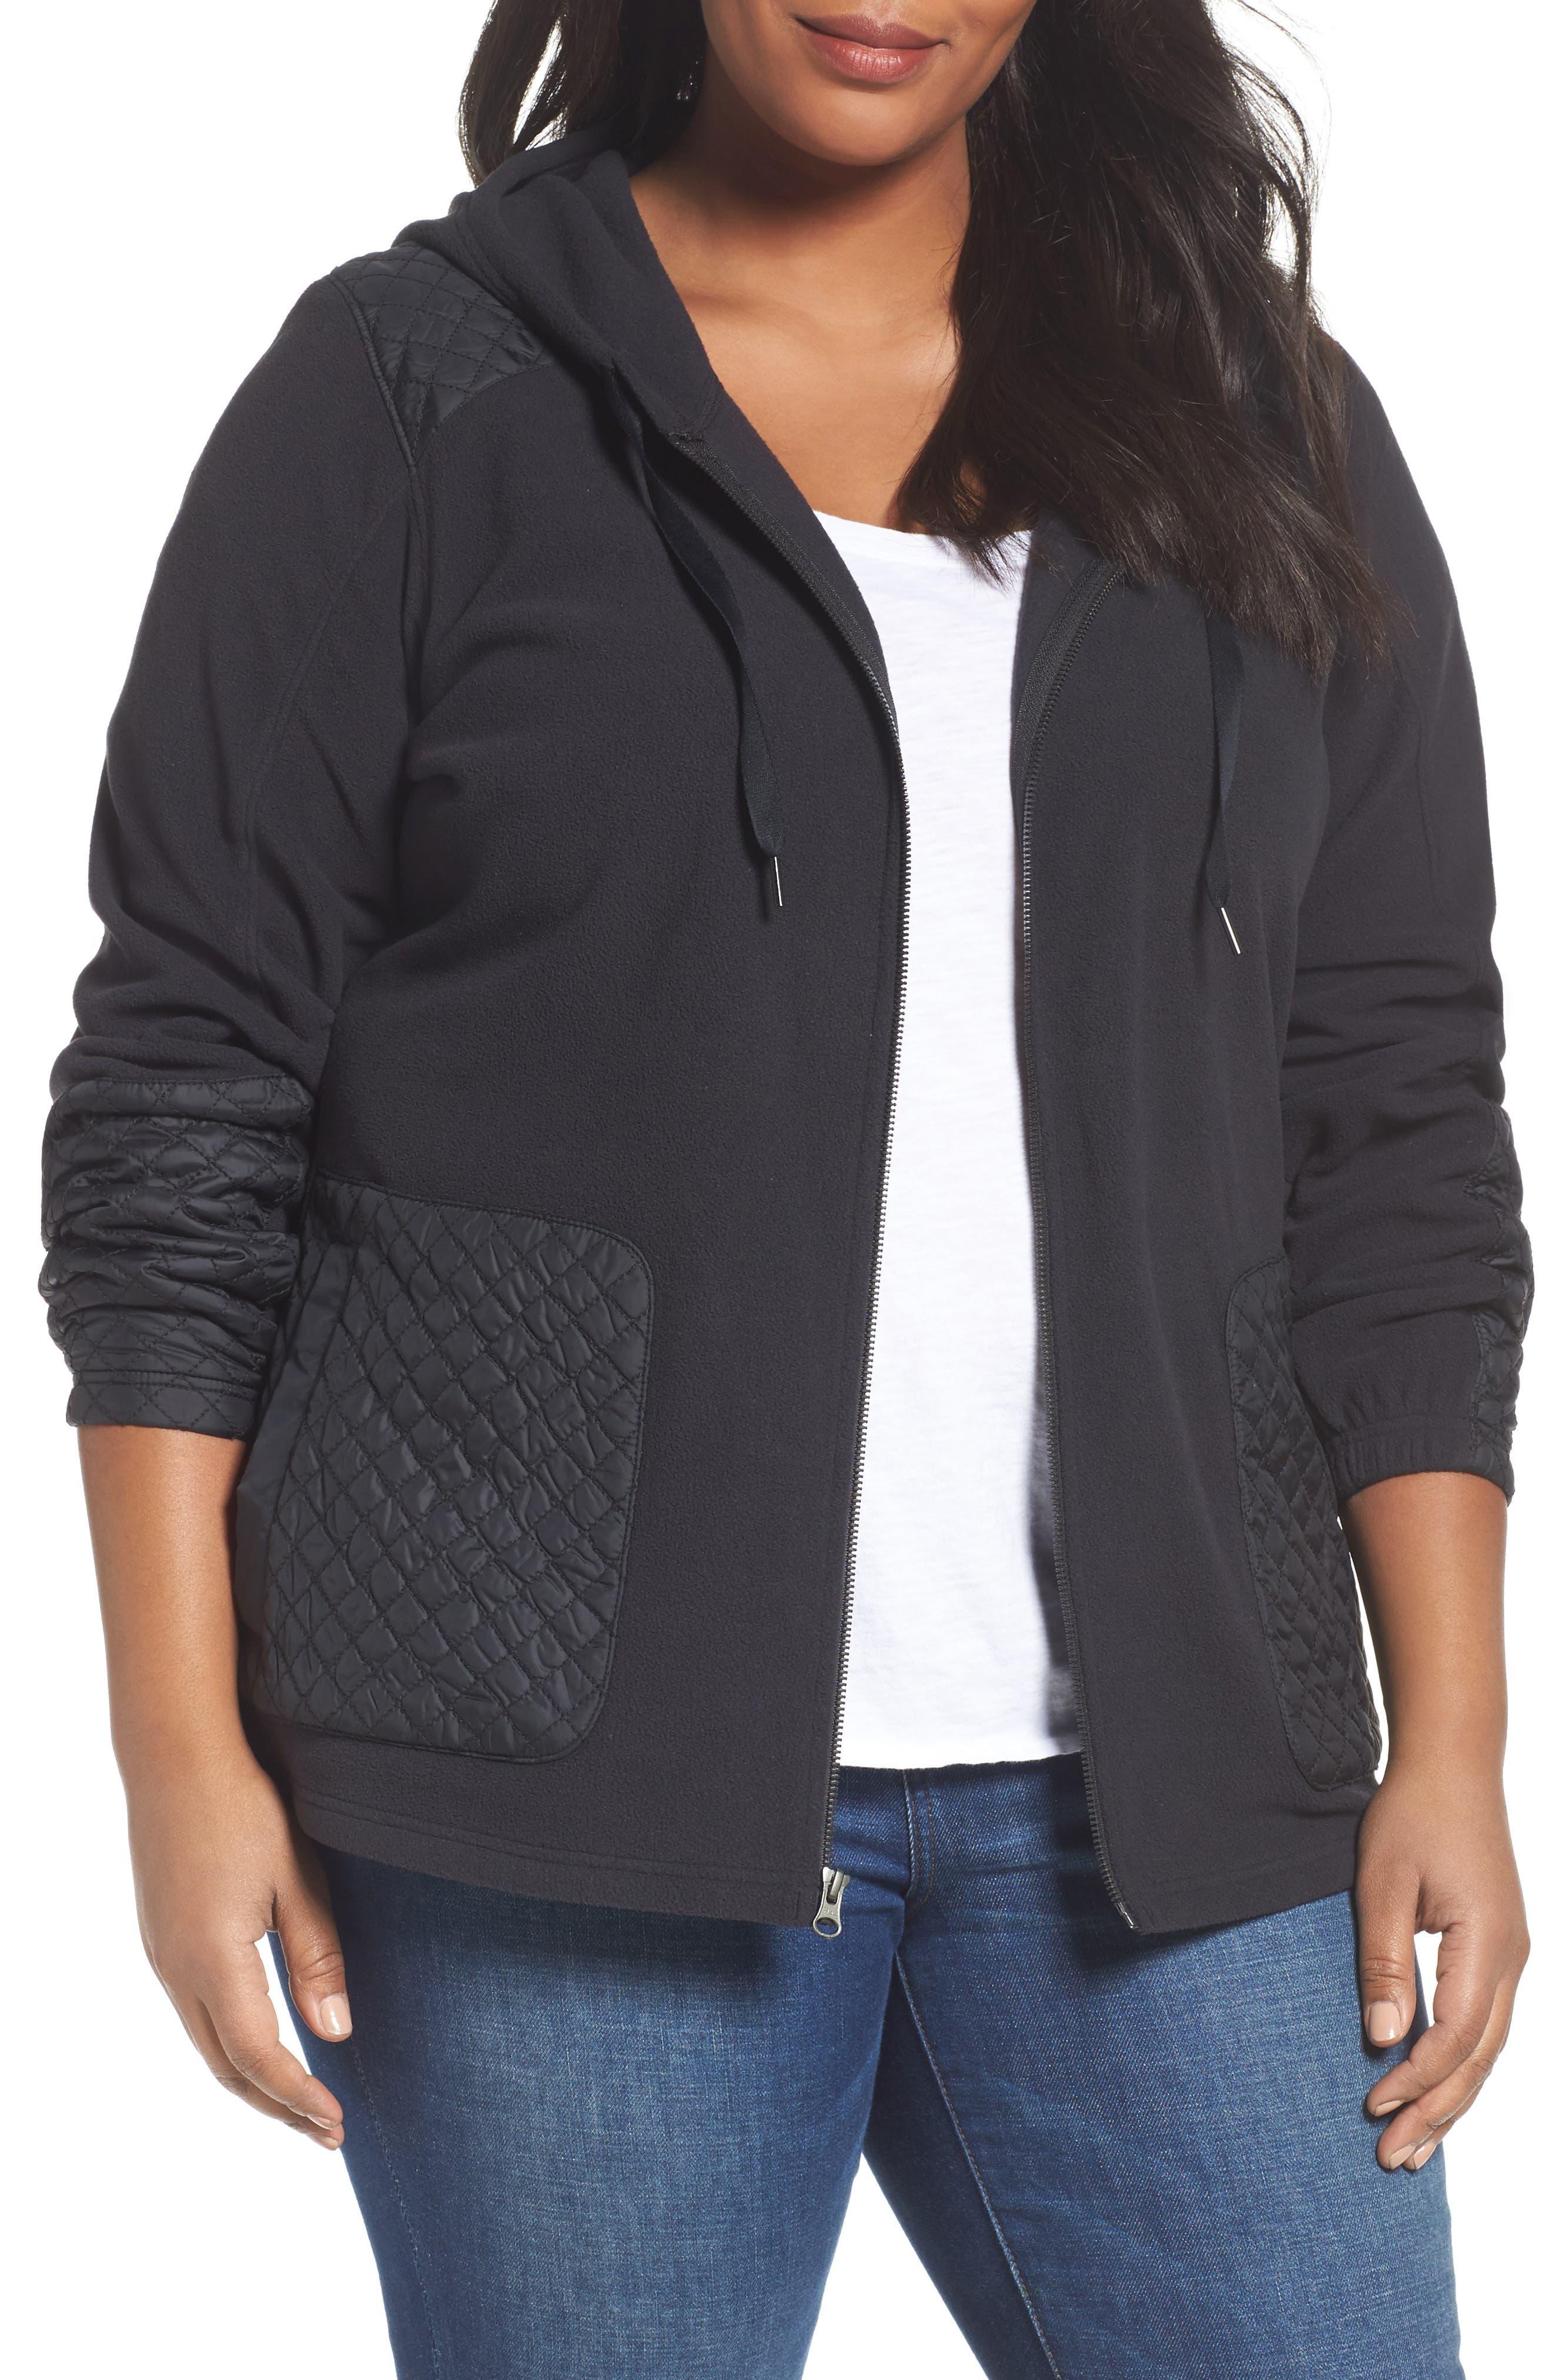 Warm Up Hooded Fleece Jacket,                             Main thumbnail 1, color,                             010